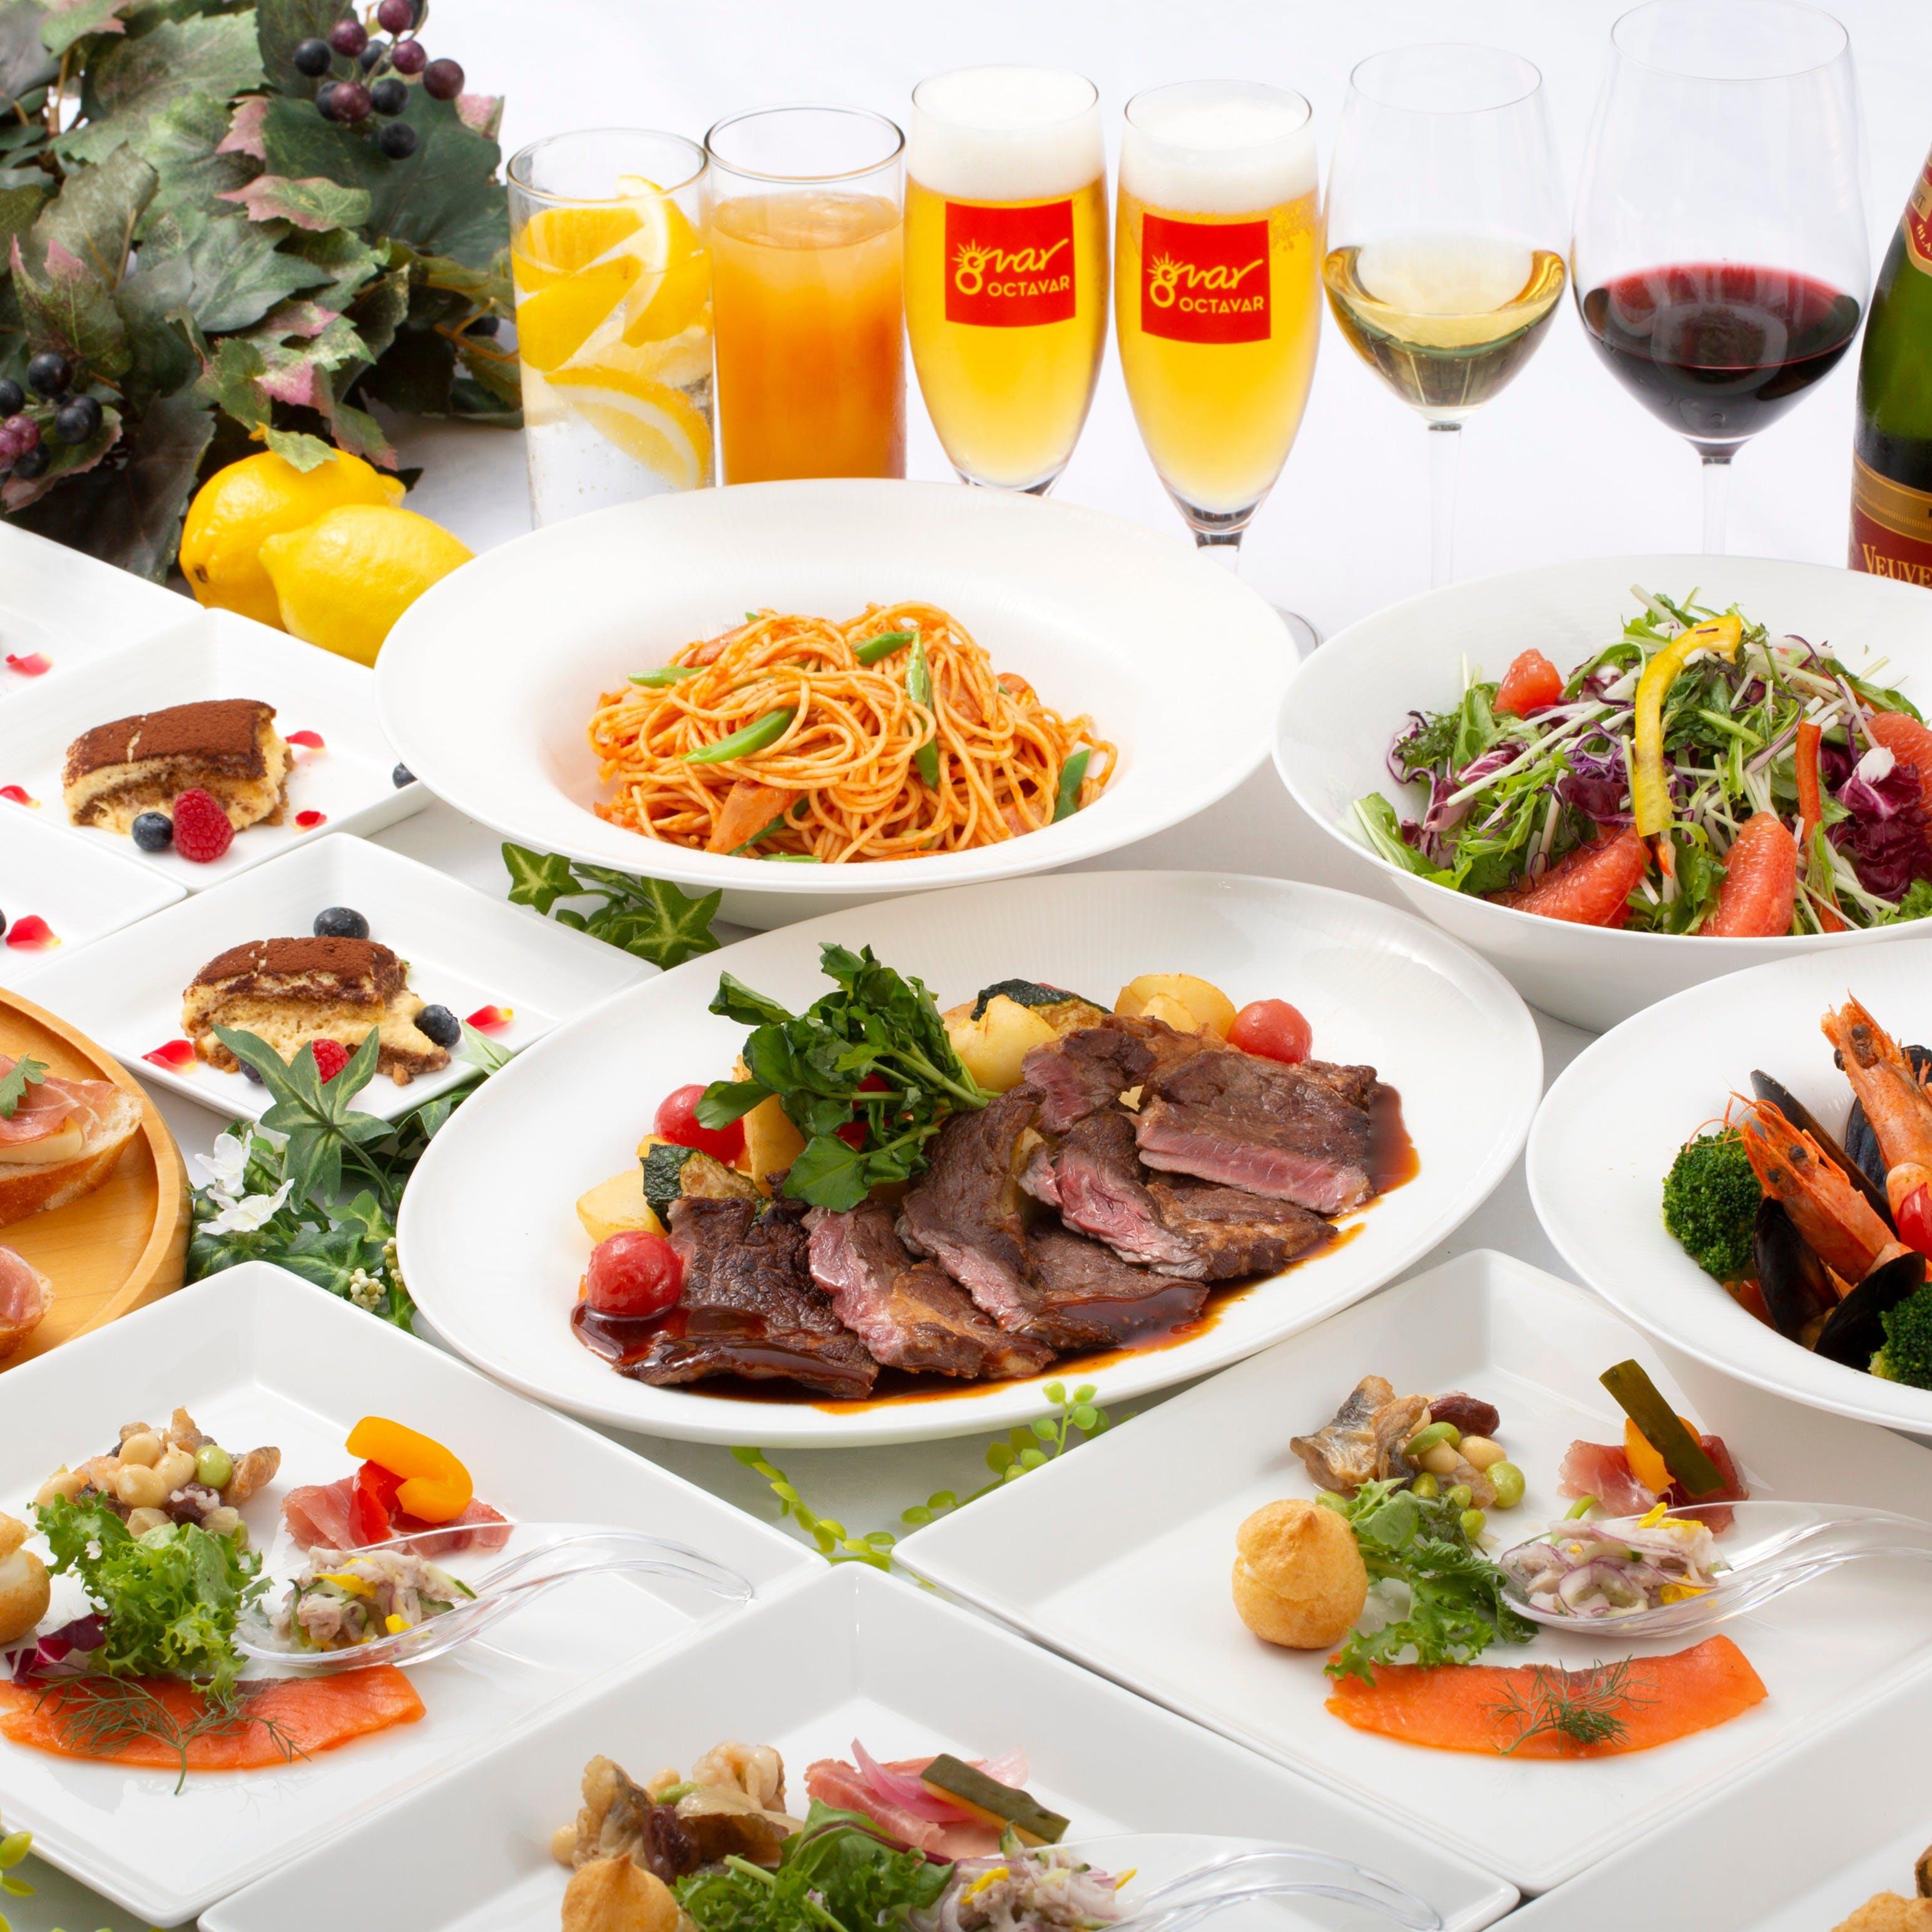 フリースタイルのランチと地中海料理をご堪能いただくカジュアルディナー